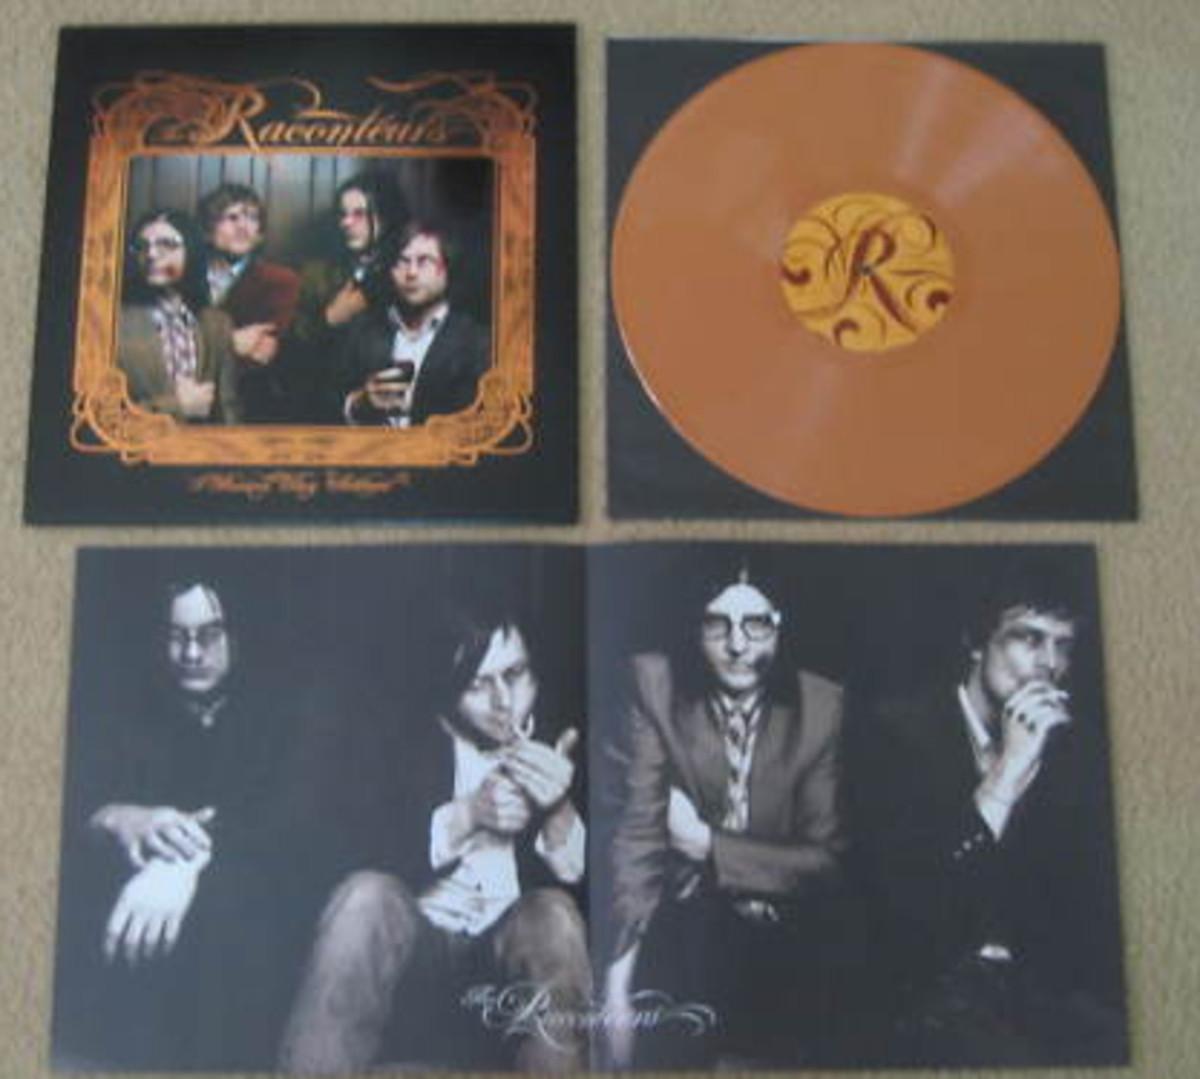 Copper_Raconteurs